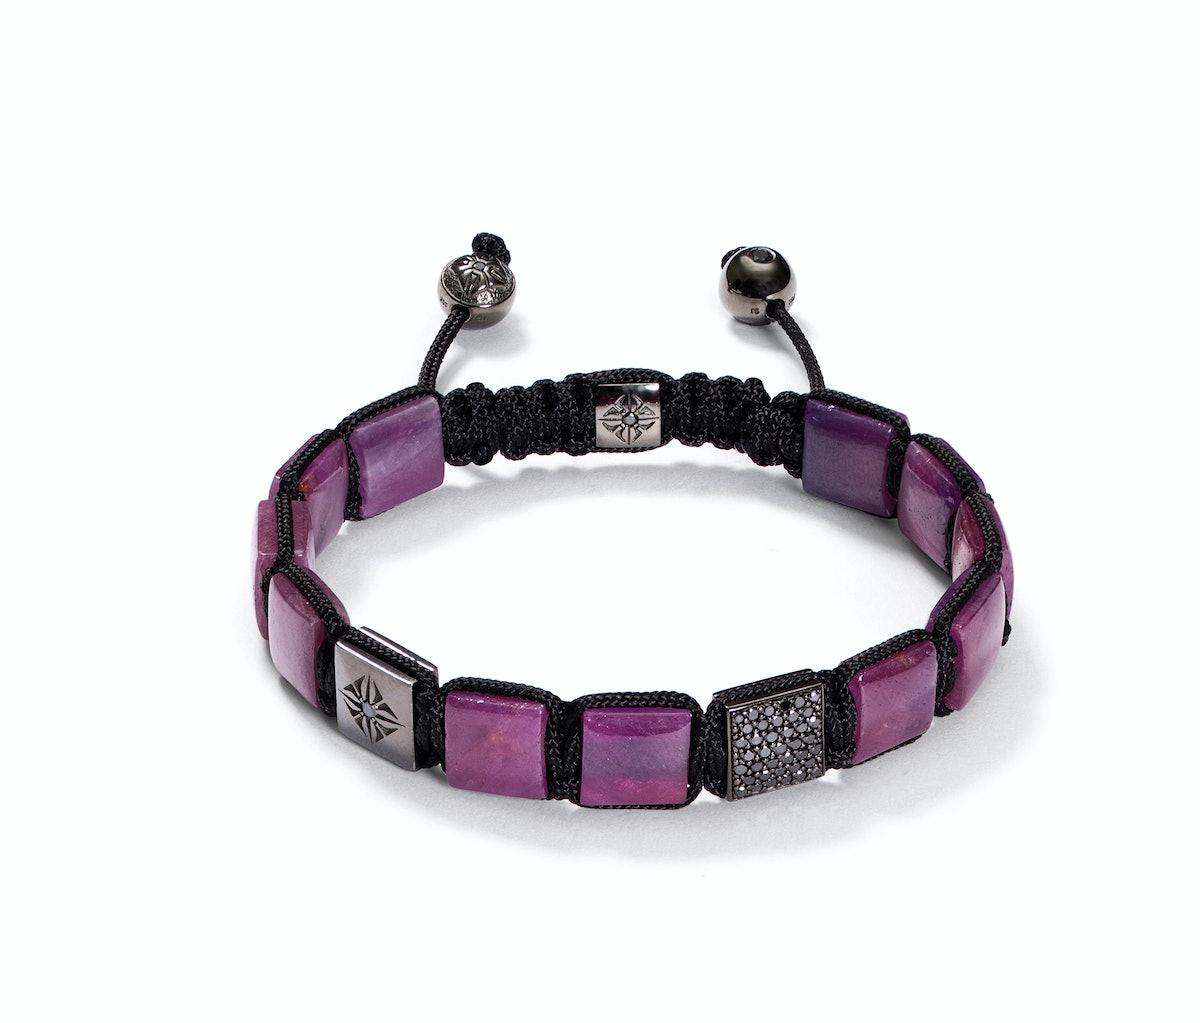 Shamballa Jewels gold, ruby, and diamond bracelet